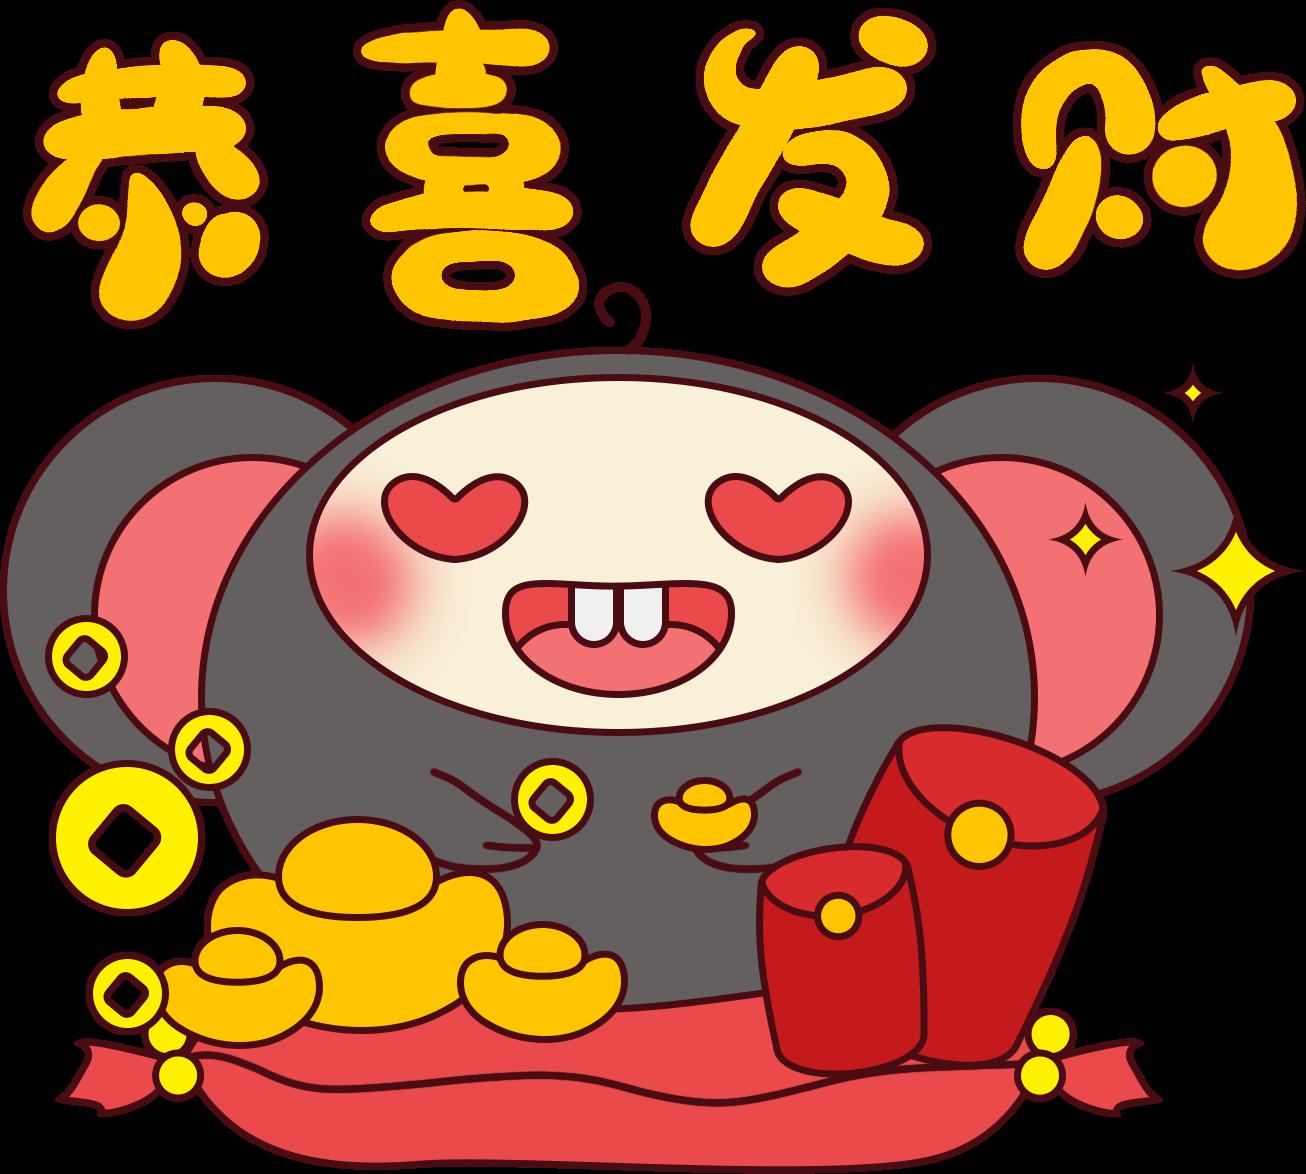 2020鼠年好运红包-抢红包必备emoji messages sticker-9